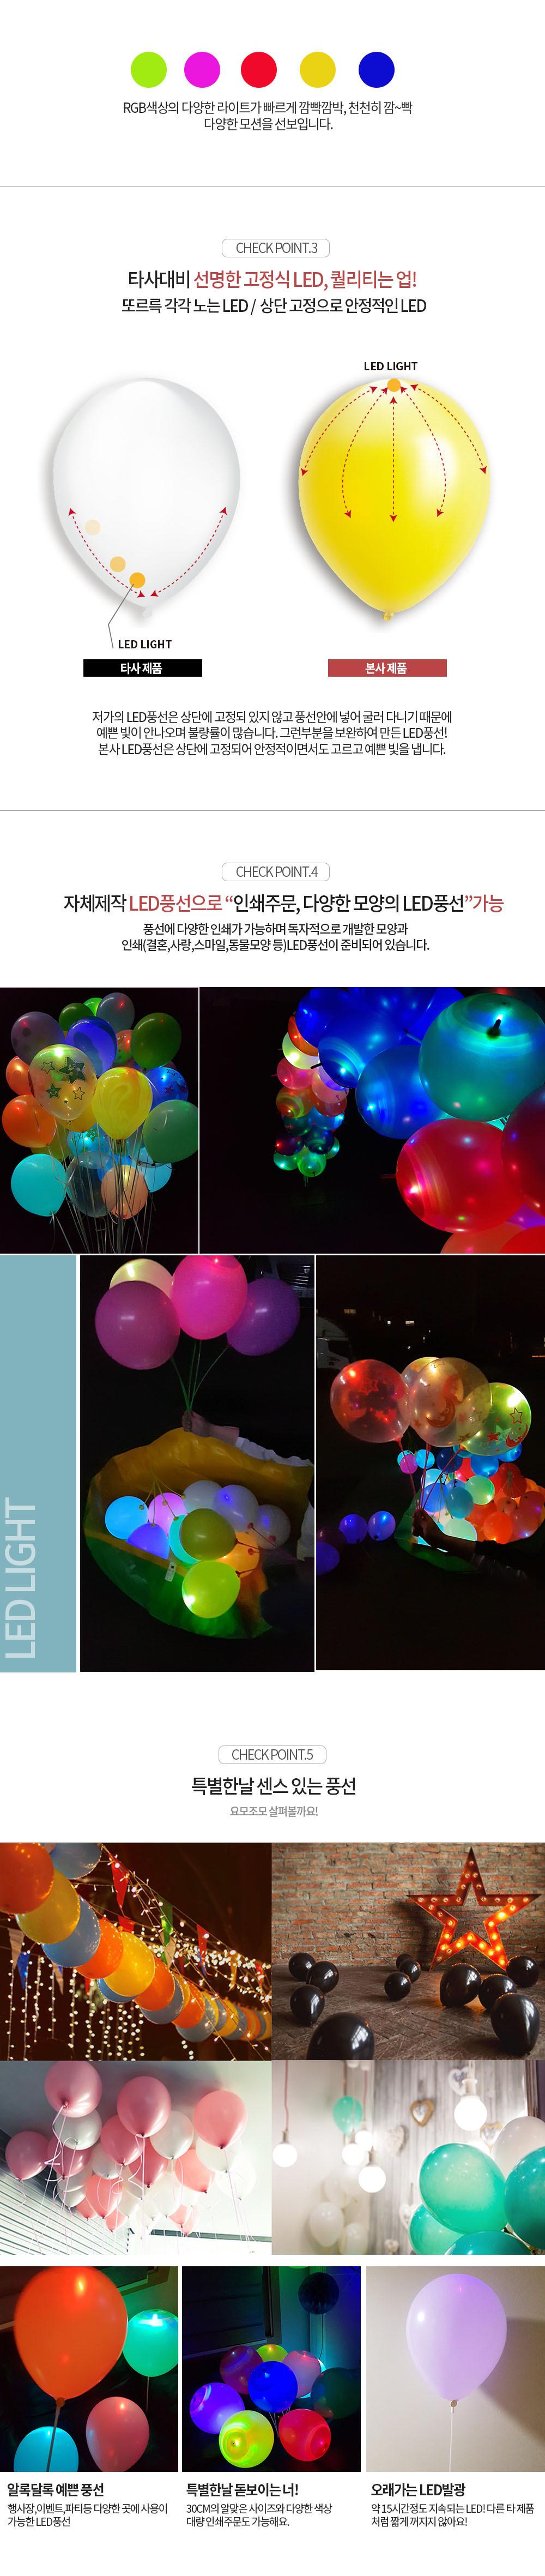 LED 30cm 그린풍선 - 파티클럽, 4,000원, 파티용품, 풍선/세트